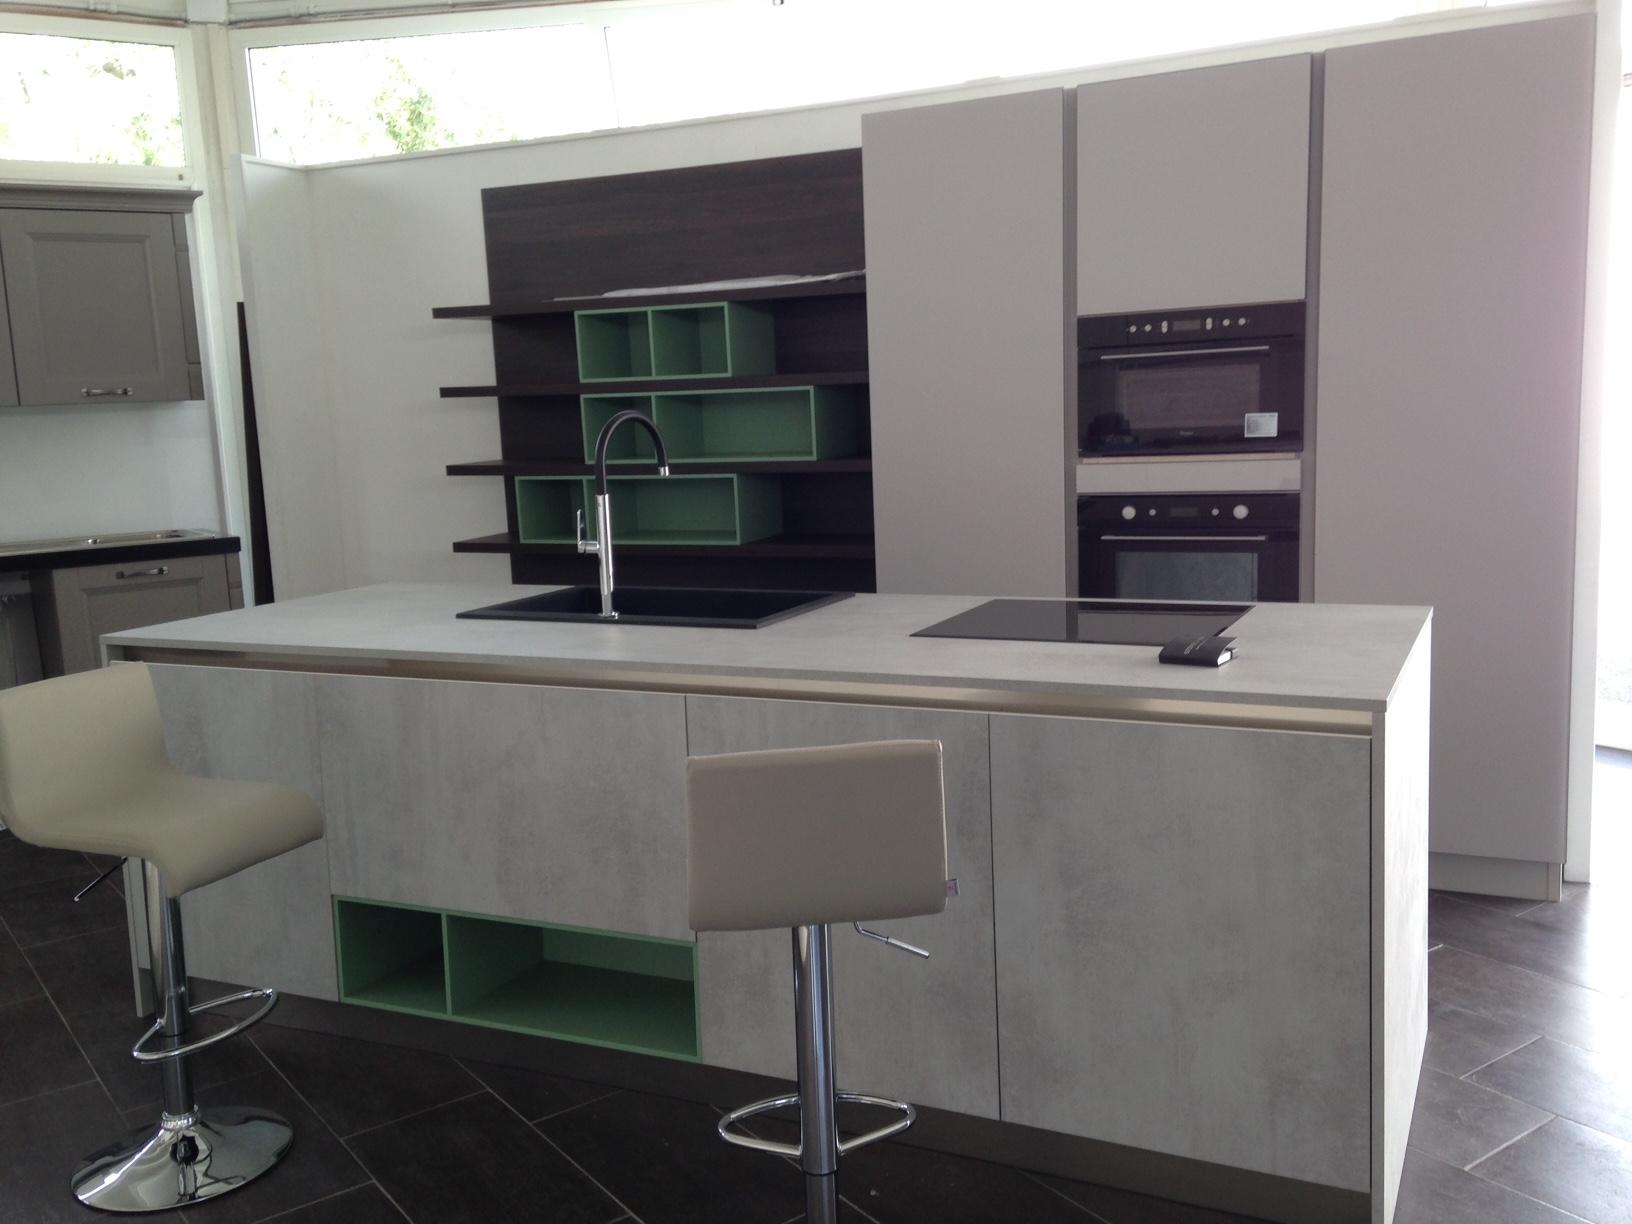 Cucine in offerta Roma: Plana glass Arredo3 scontata del 50 ...